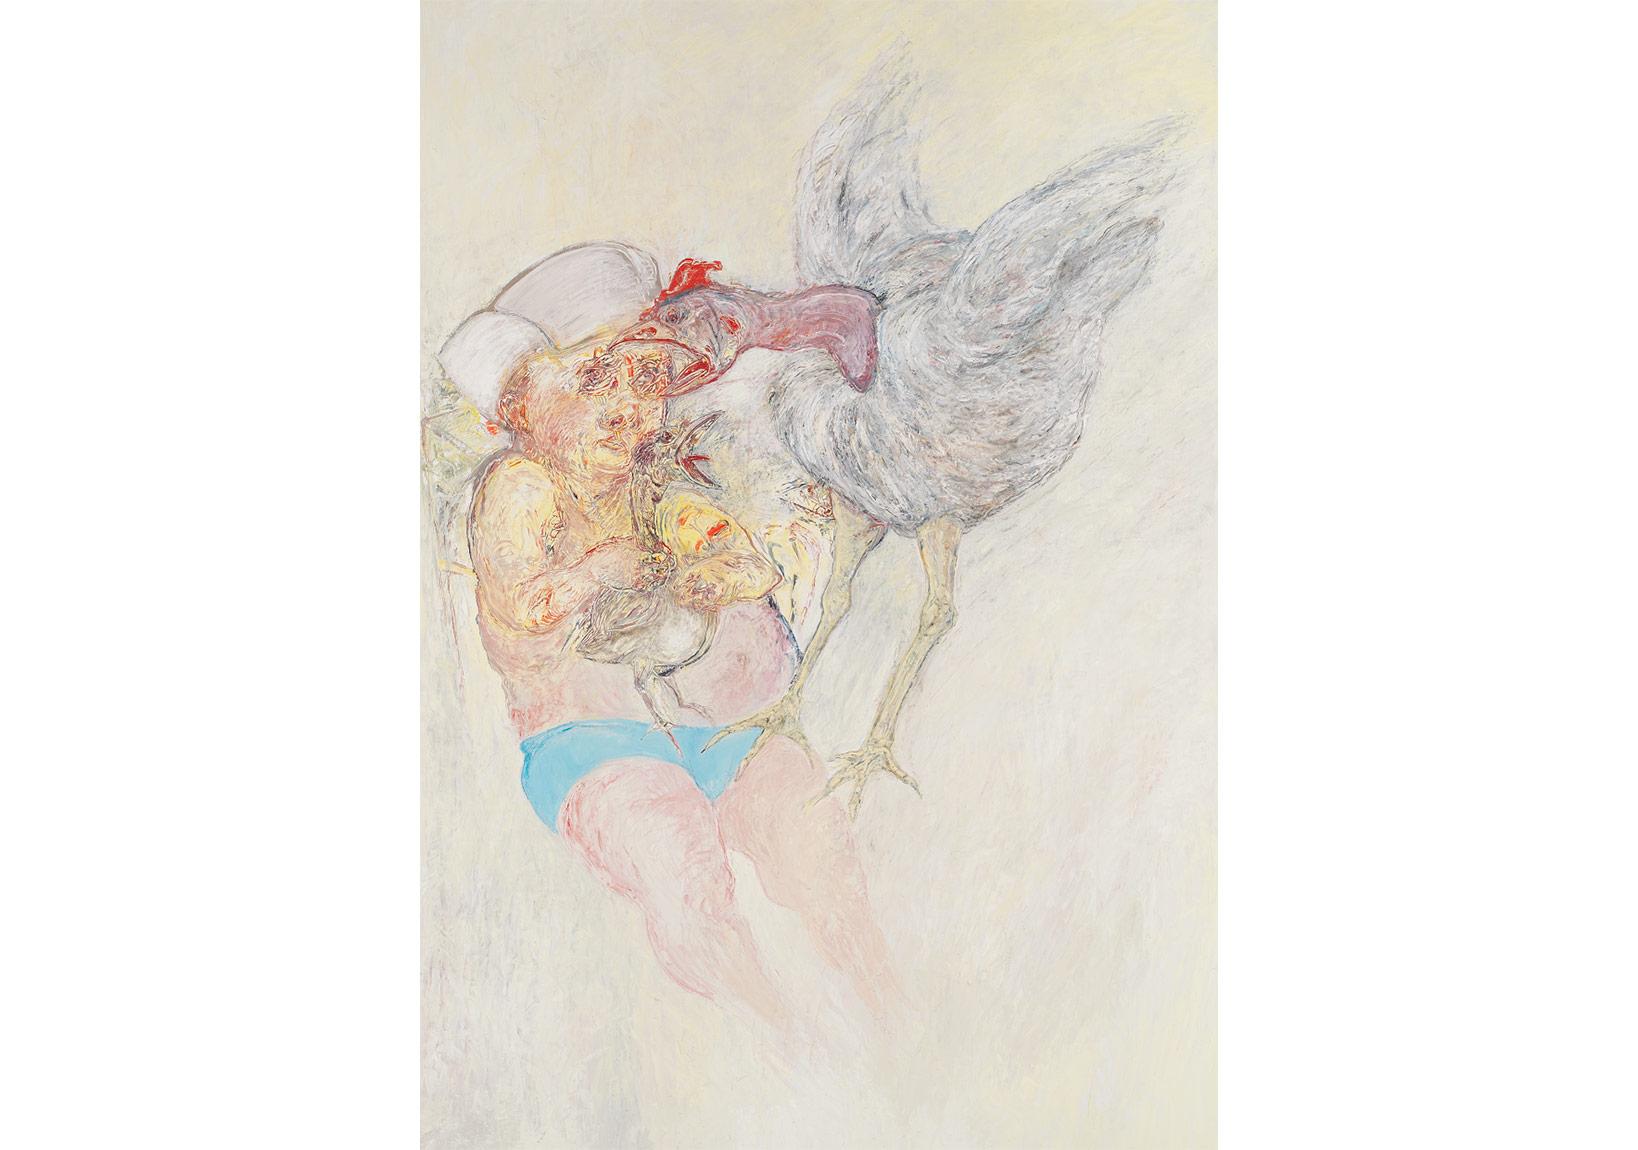 Bilmeden,2009,Tuval üzerine yağlıboya,250 x 180 cm.,Dr. Nejat F. Eczacıbaşı Vakfı Koleksiyonu